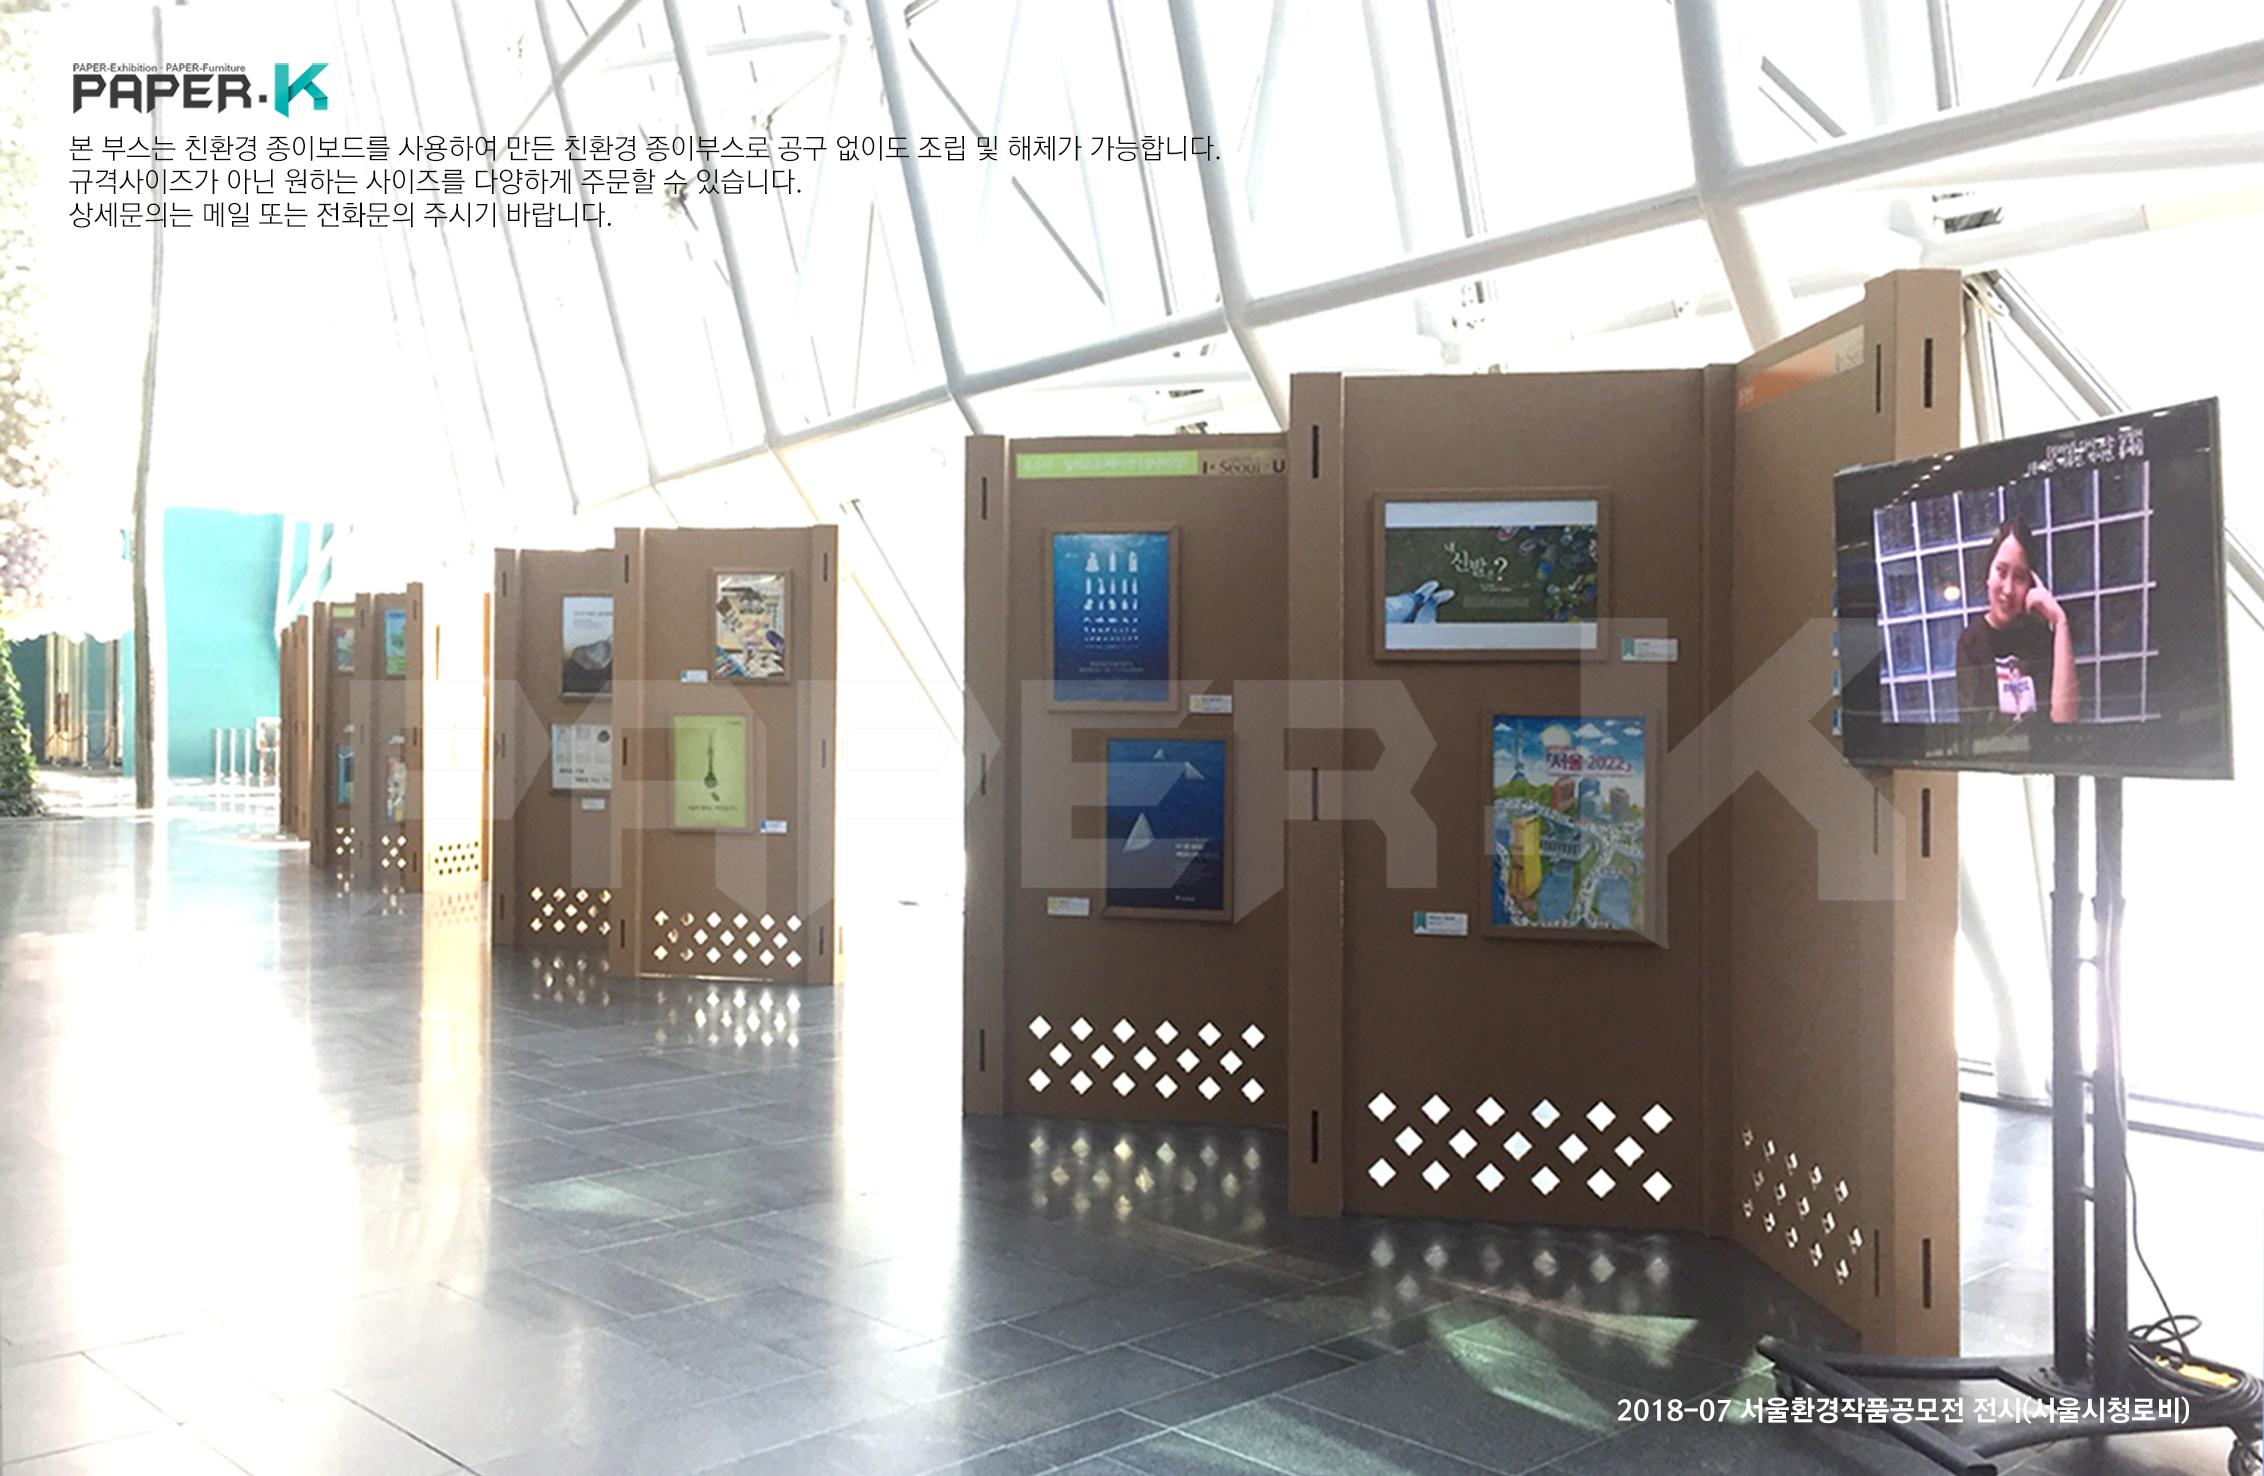 201807-서울환경작품공모전 전시(서울시청로비)-2